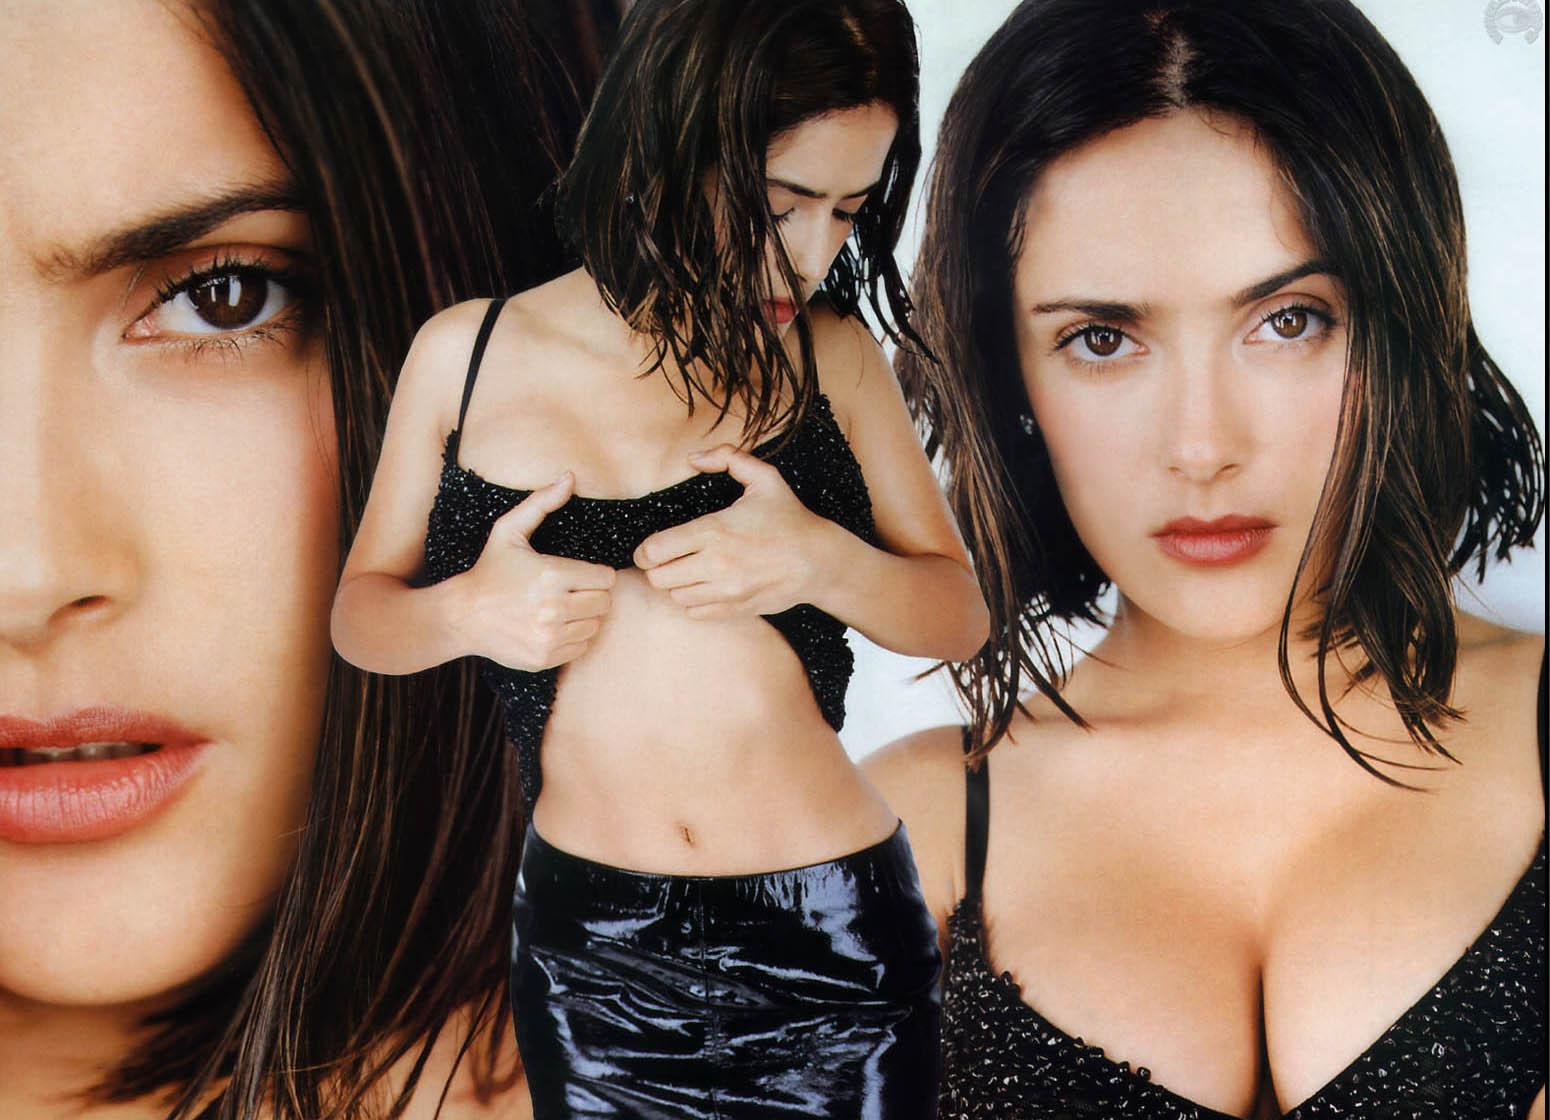 Salma hayek nude in frida galleries 680